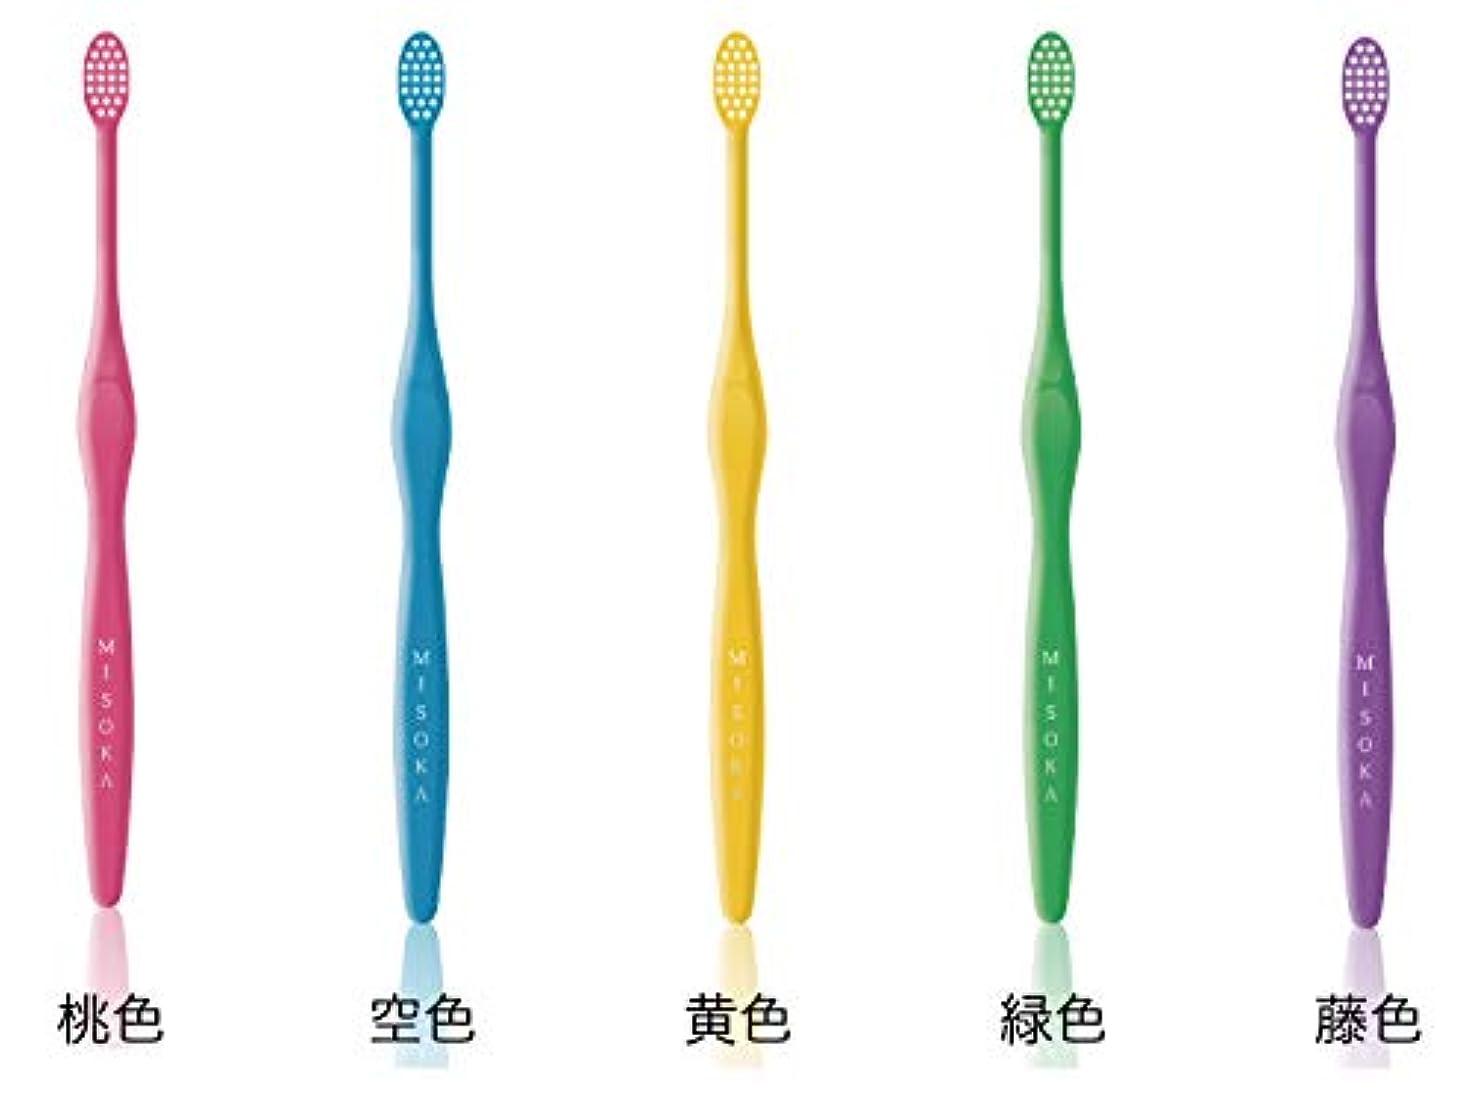 一時解雇するバイナリアライメントMISOKA PRO (ミソカ プロ) 大人用歯ブラシ 歯科医院専売 3本セット (パープル)